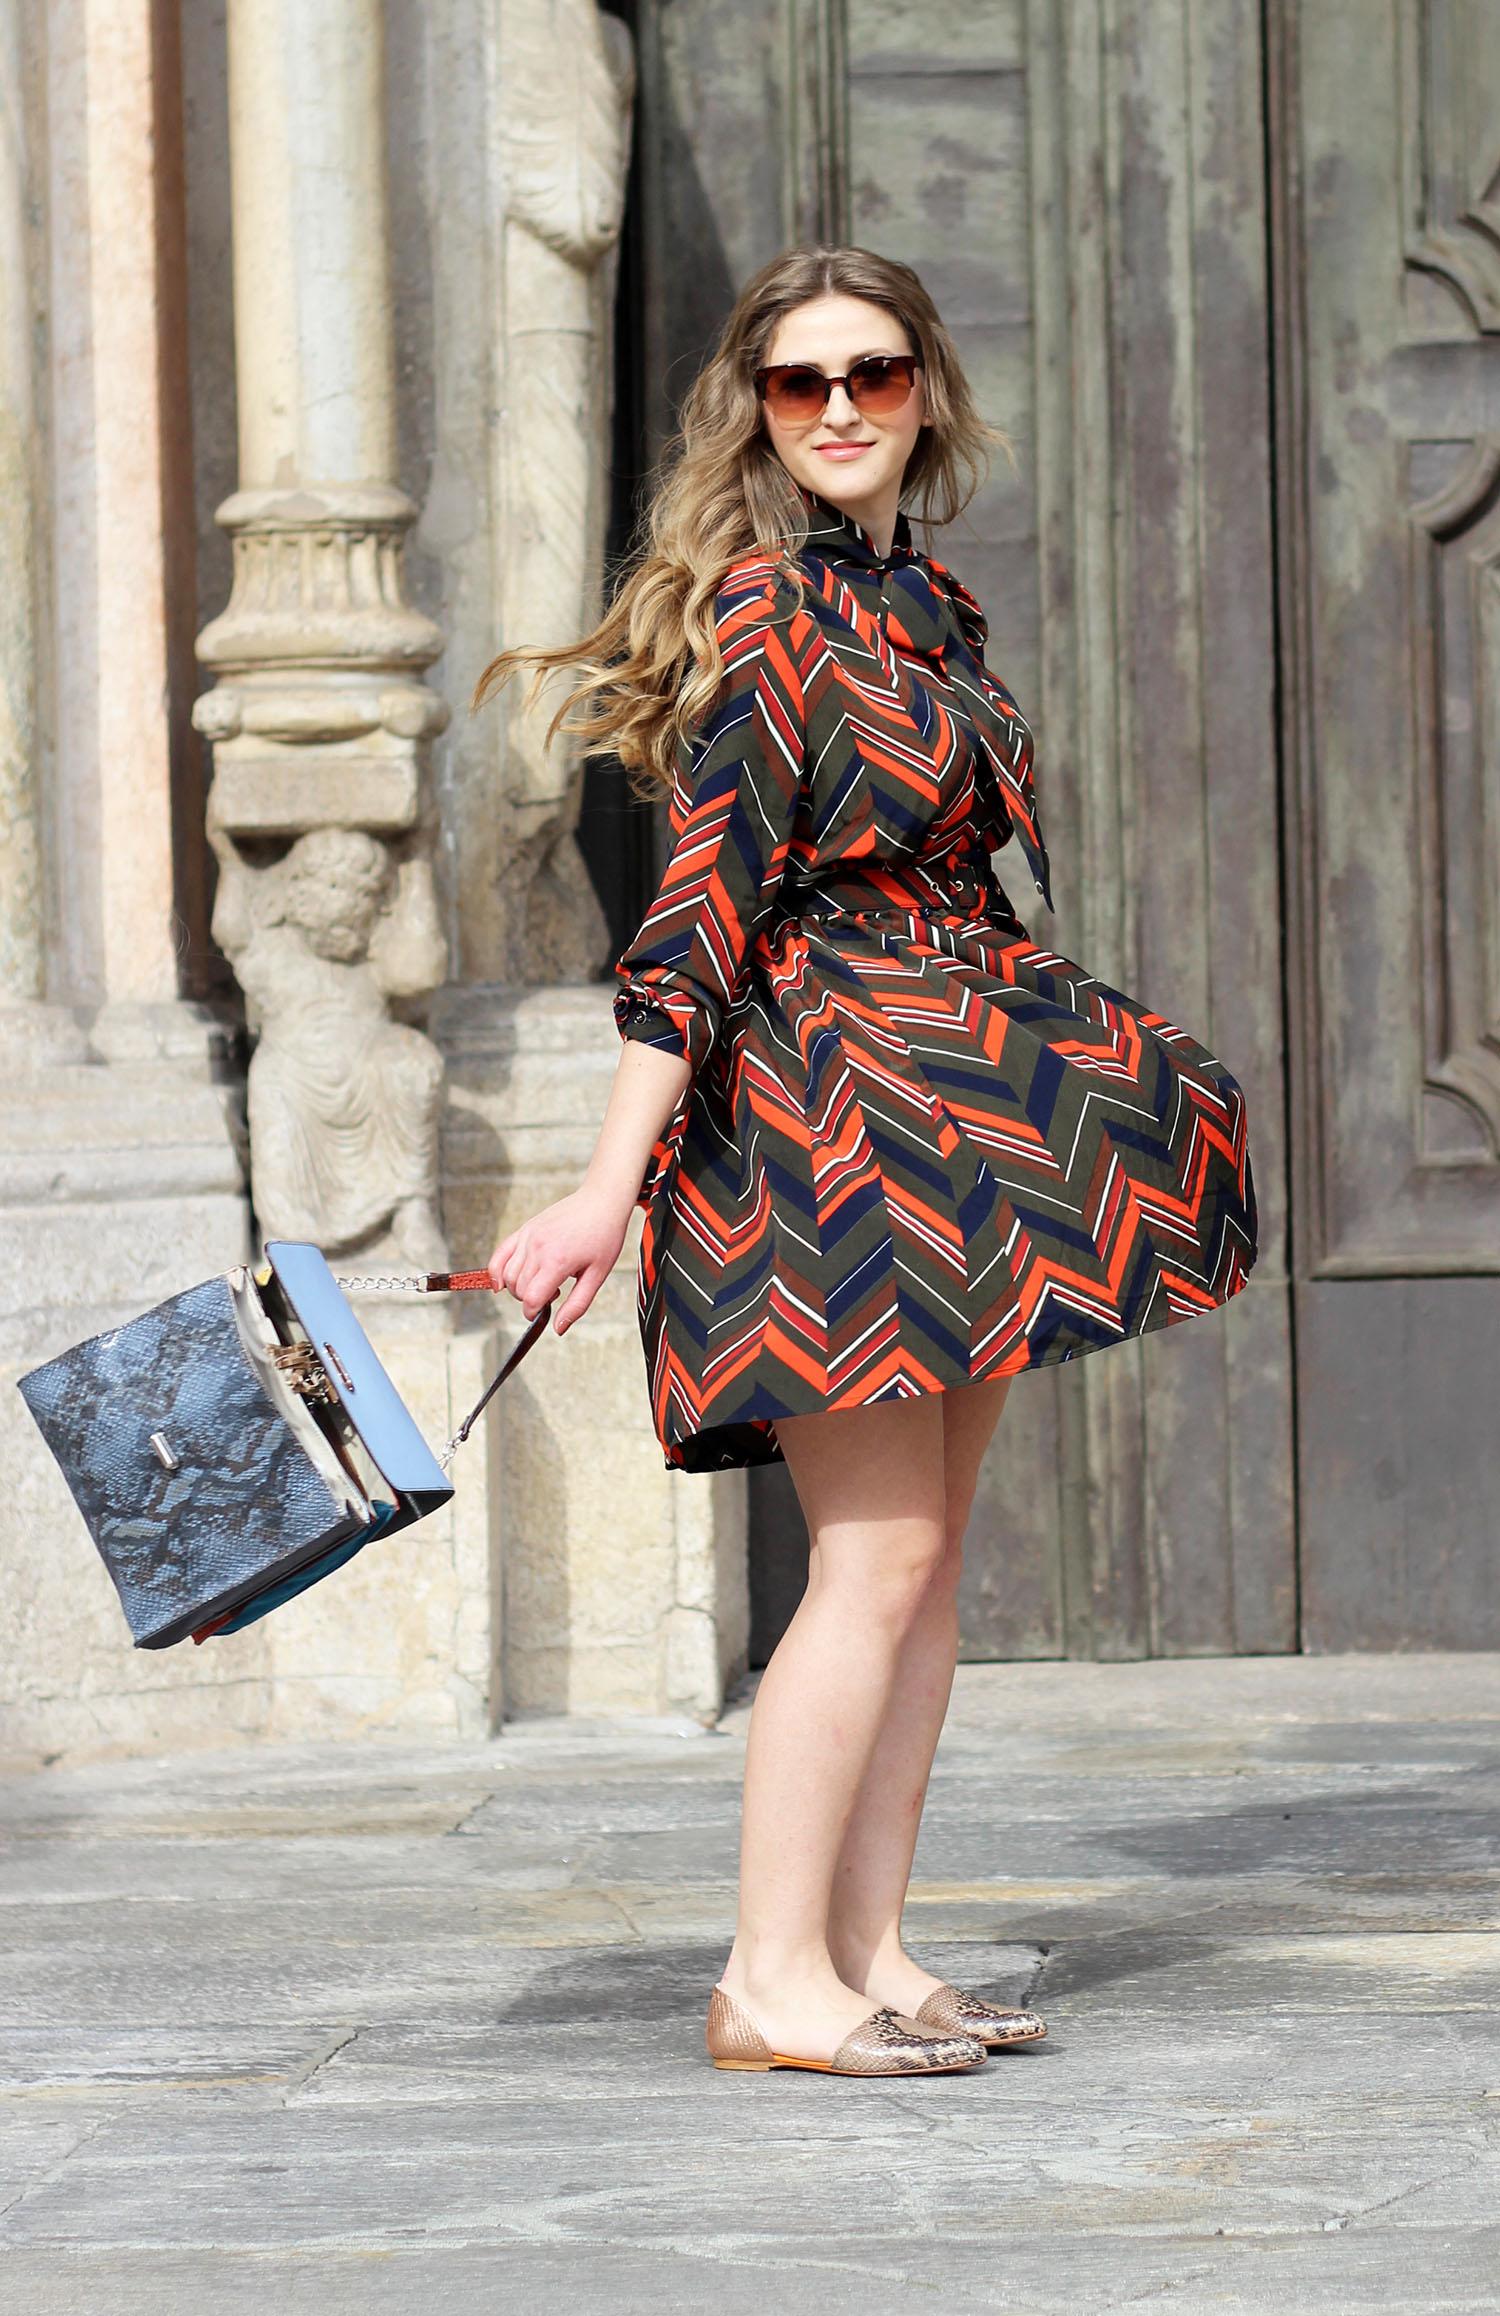 ana tiganasu fashion blogger italiane abito a righe outfit primavera estate 2016 borsa e scarpe ebarrito